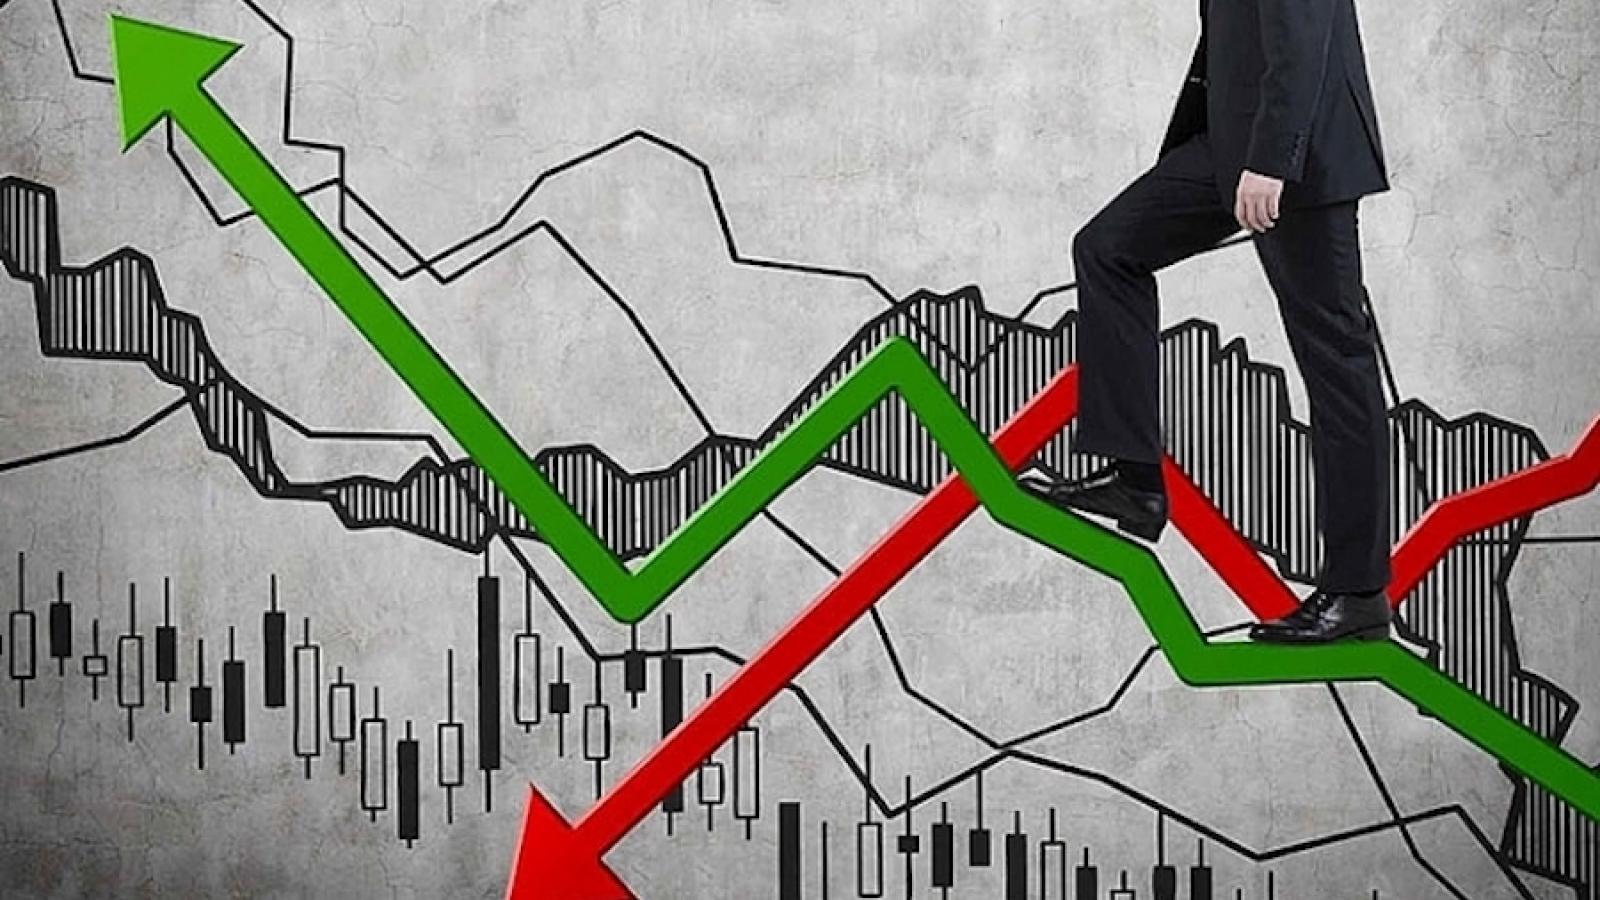 Thiếu thông tin hỗ trợ, thị trường chứng khoán biến động theo hướng giằng co